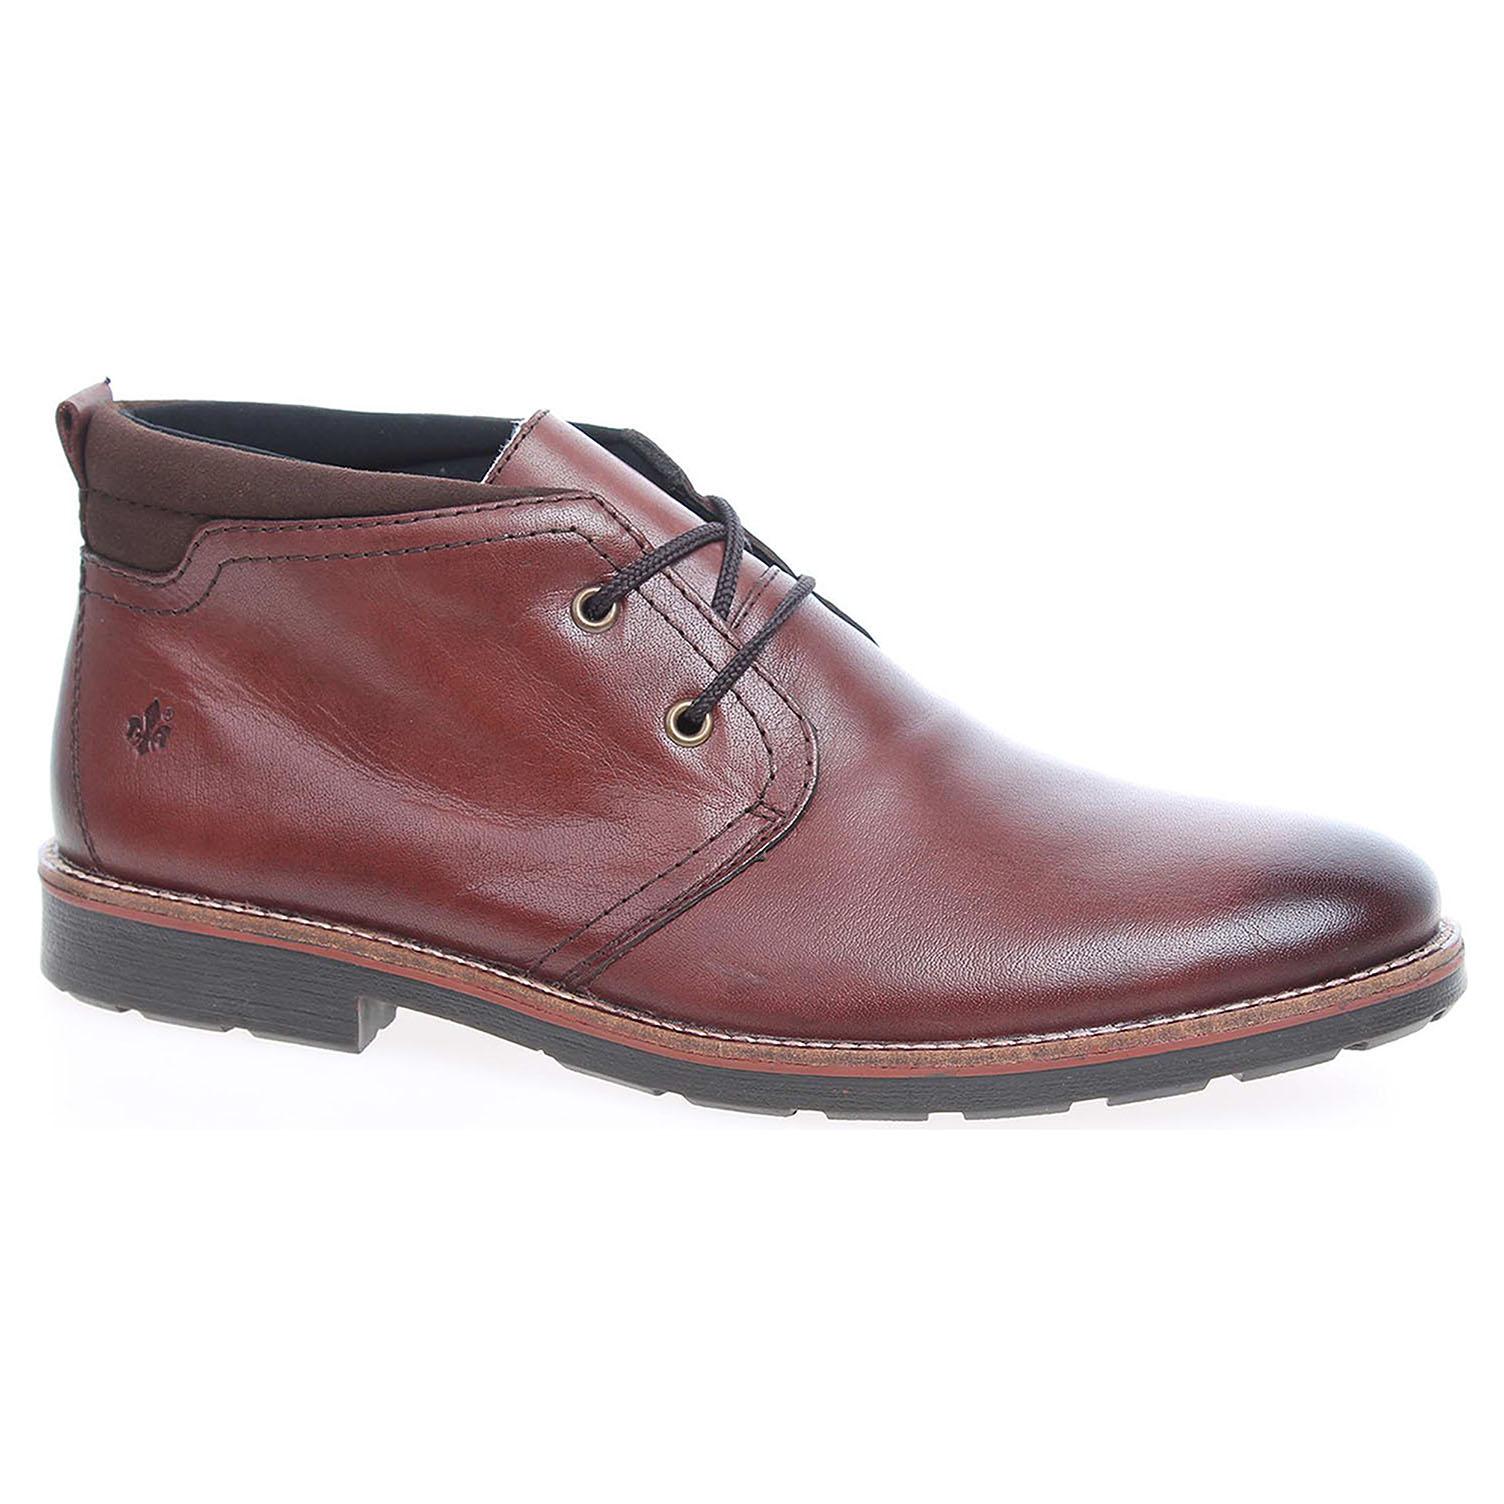 Pánská kotníková obuv Rieker 35324-25 hnědé 46